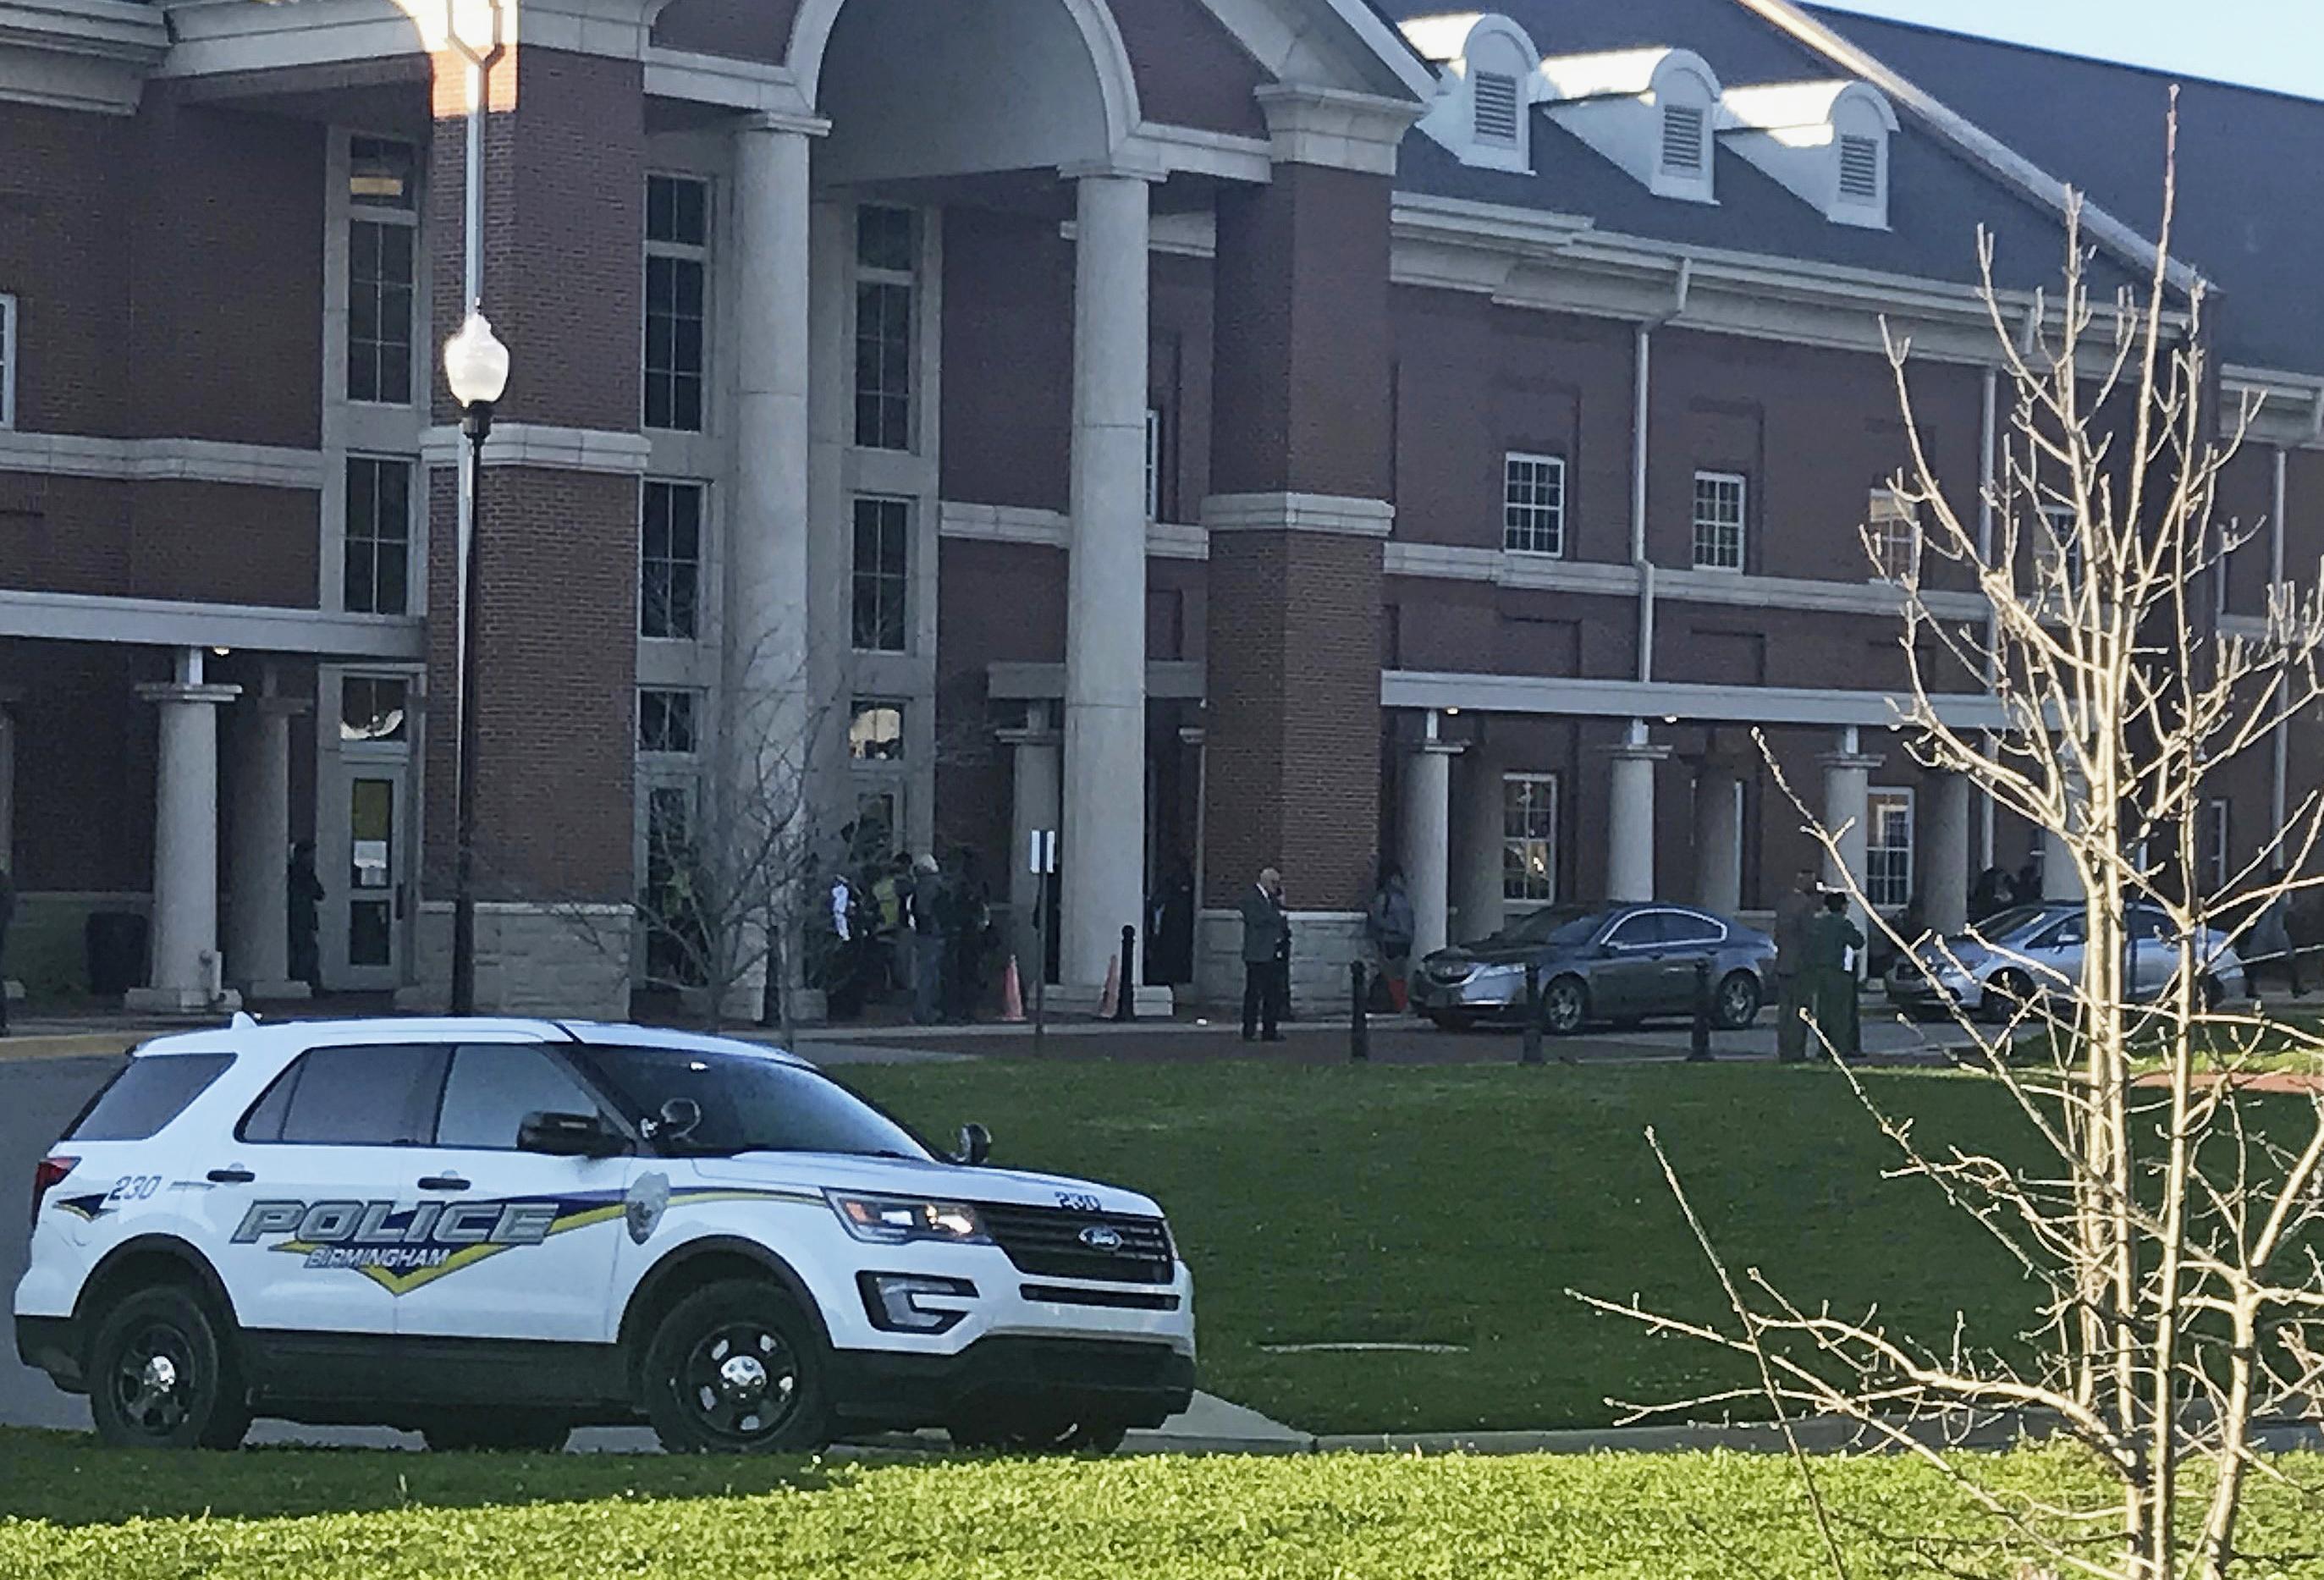 Usa, spari in una scuola in Alabama: muore studentessa 17enne